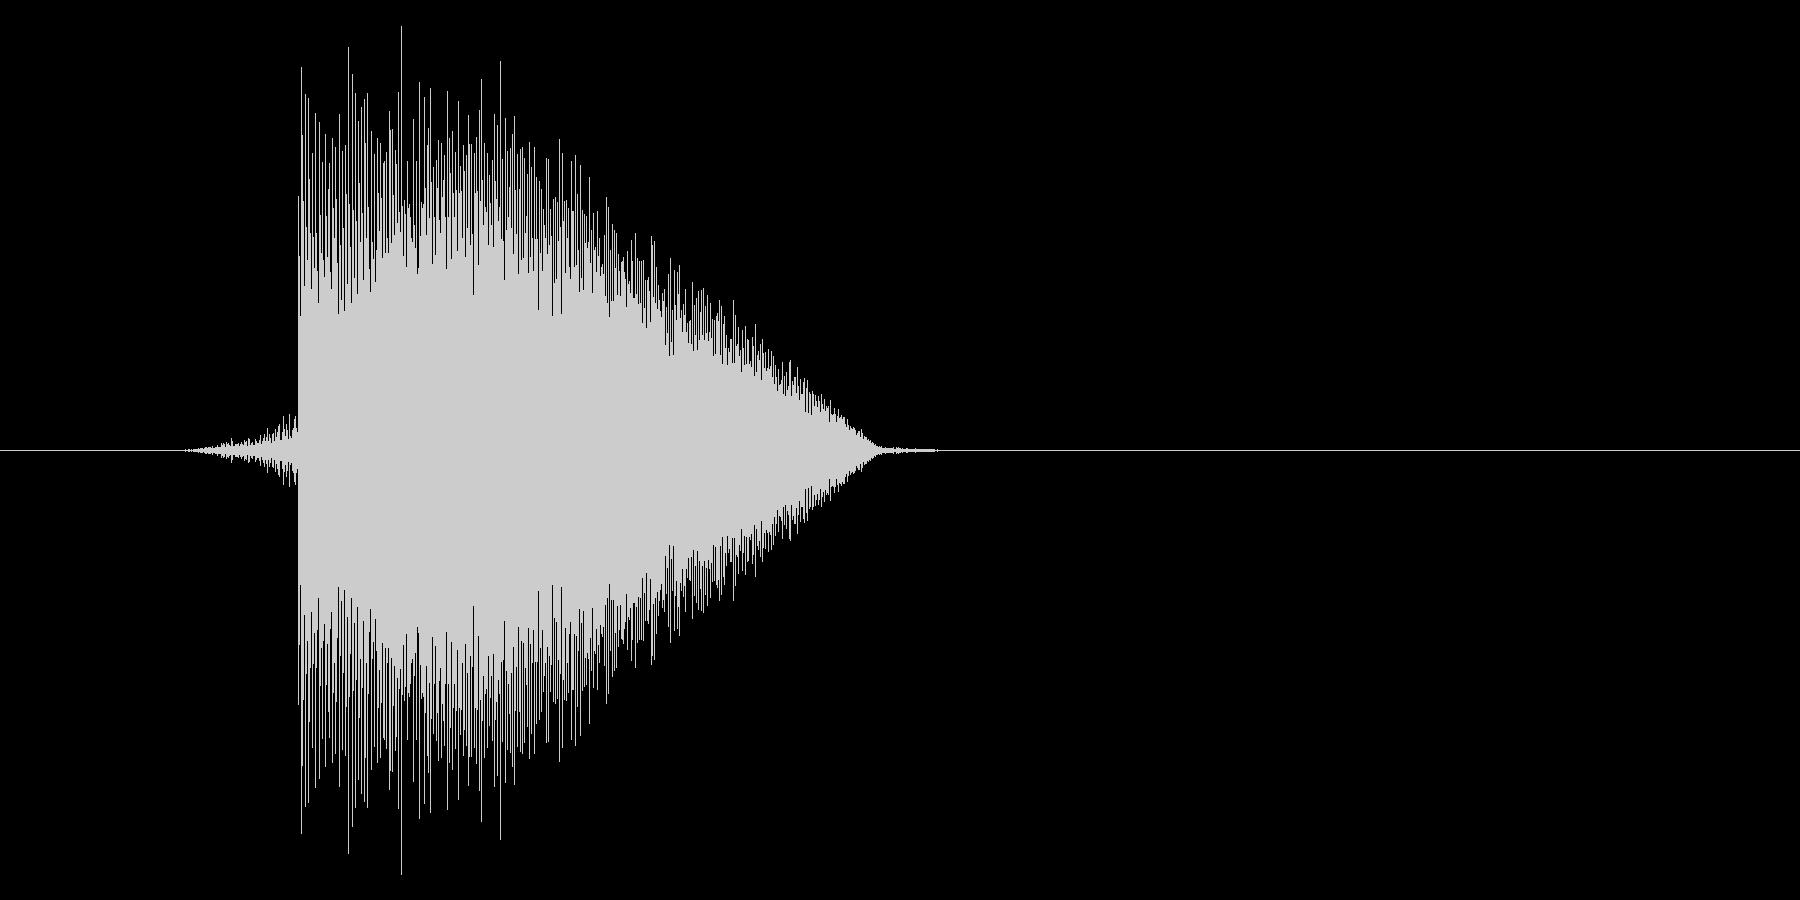 ゲーム(ファミコン風)ジャンプ音_034の未再生の波形